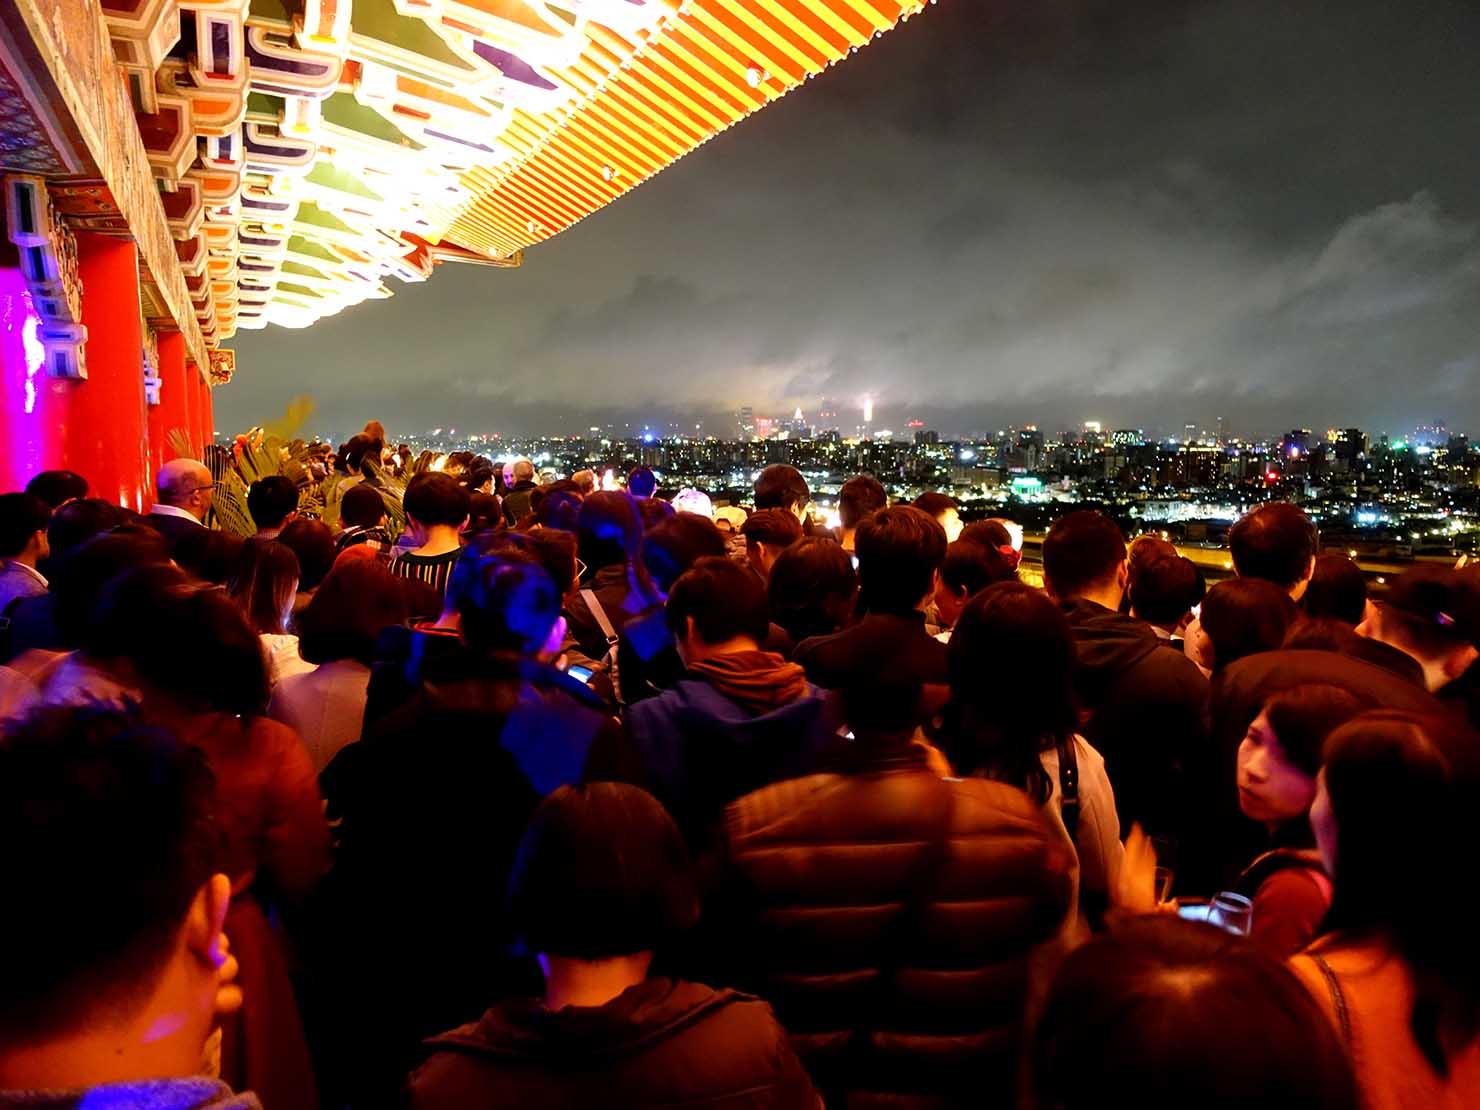 台北・圓山大飯店のカウントダウンパーティー「Bling Bling跨年派對」会場の屋外テラスに集まる人々